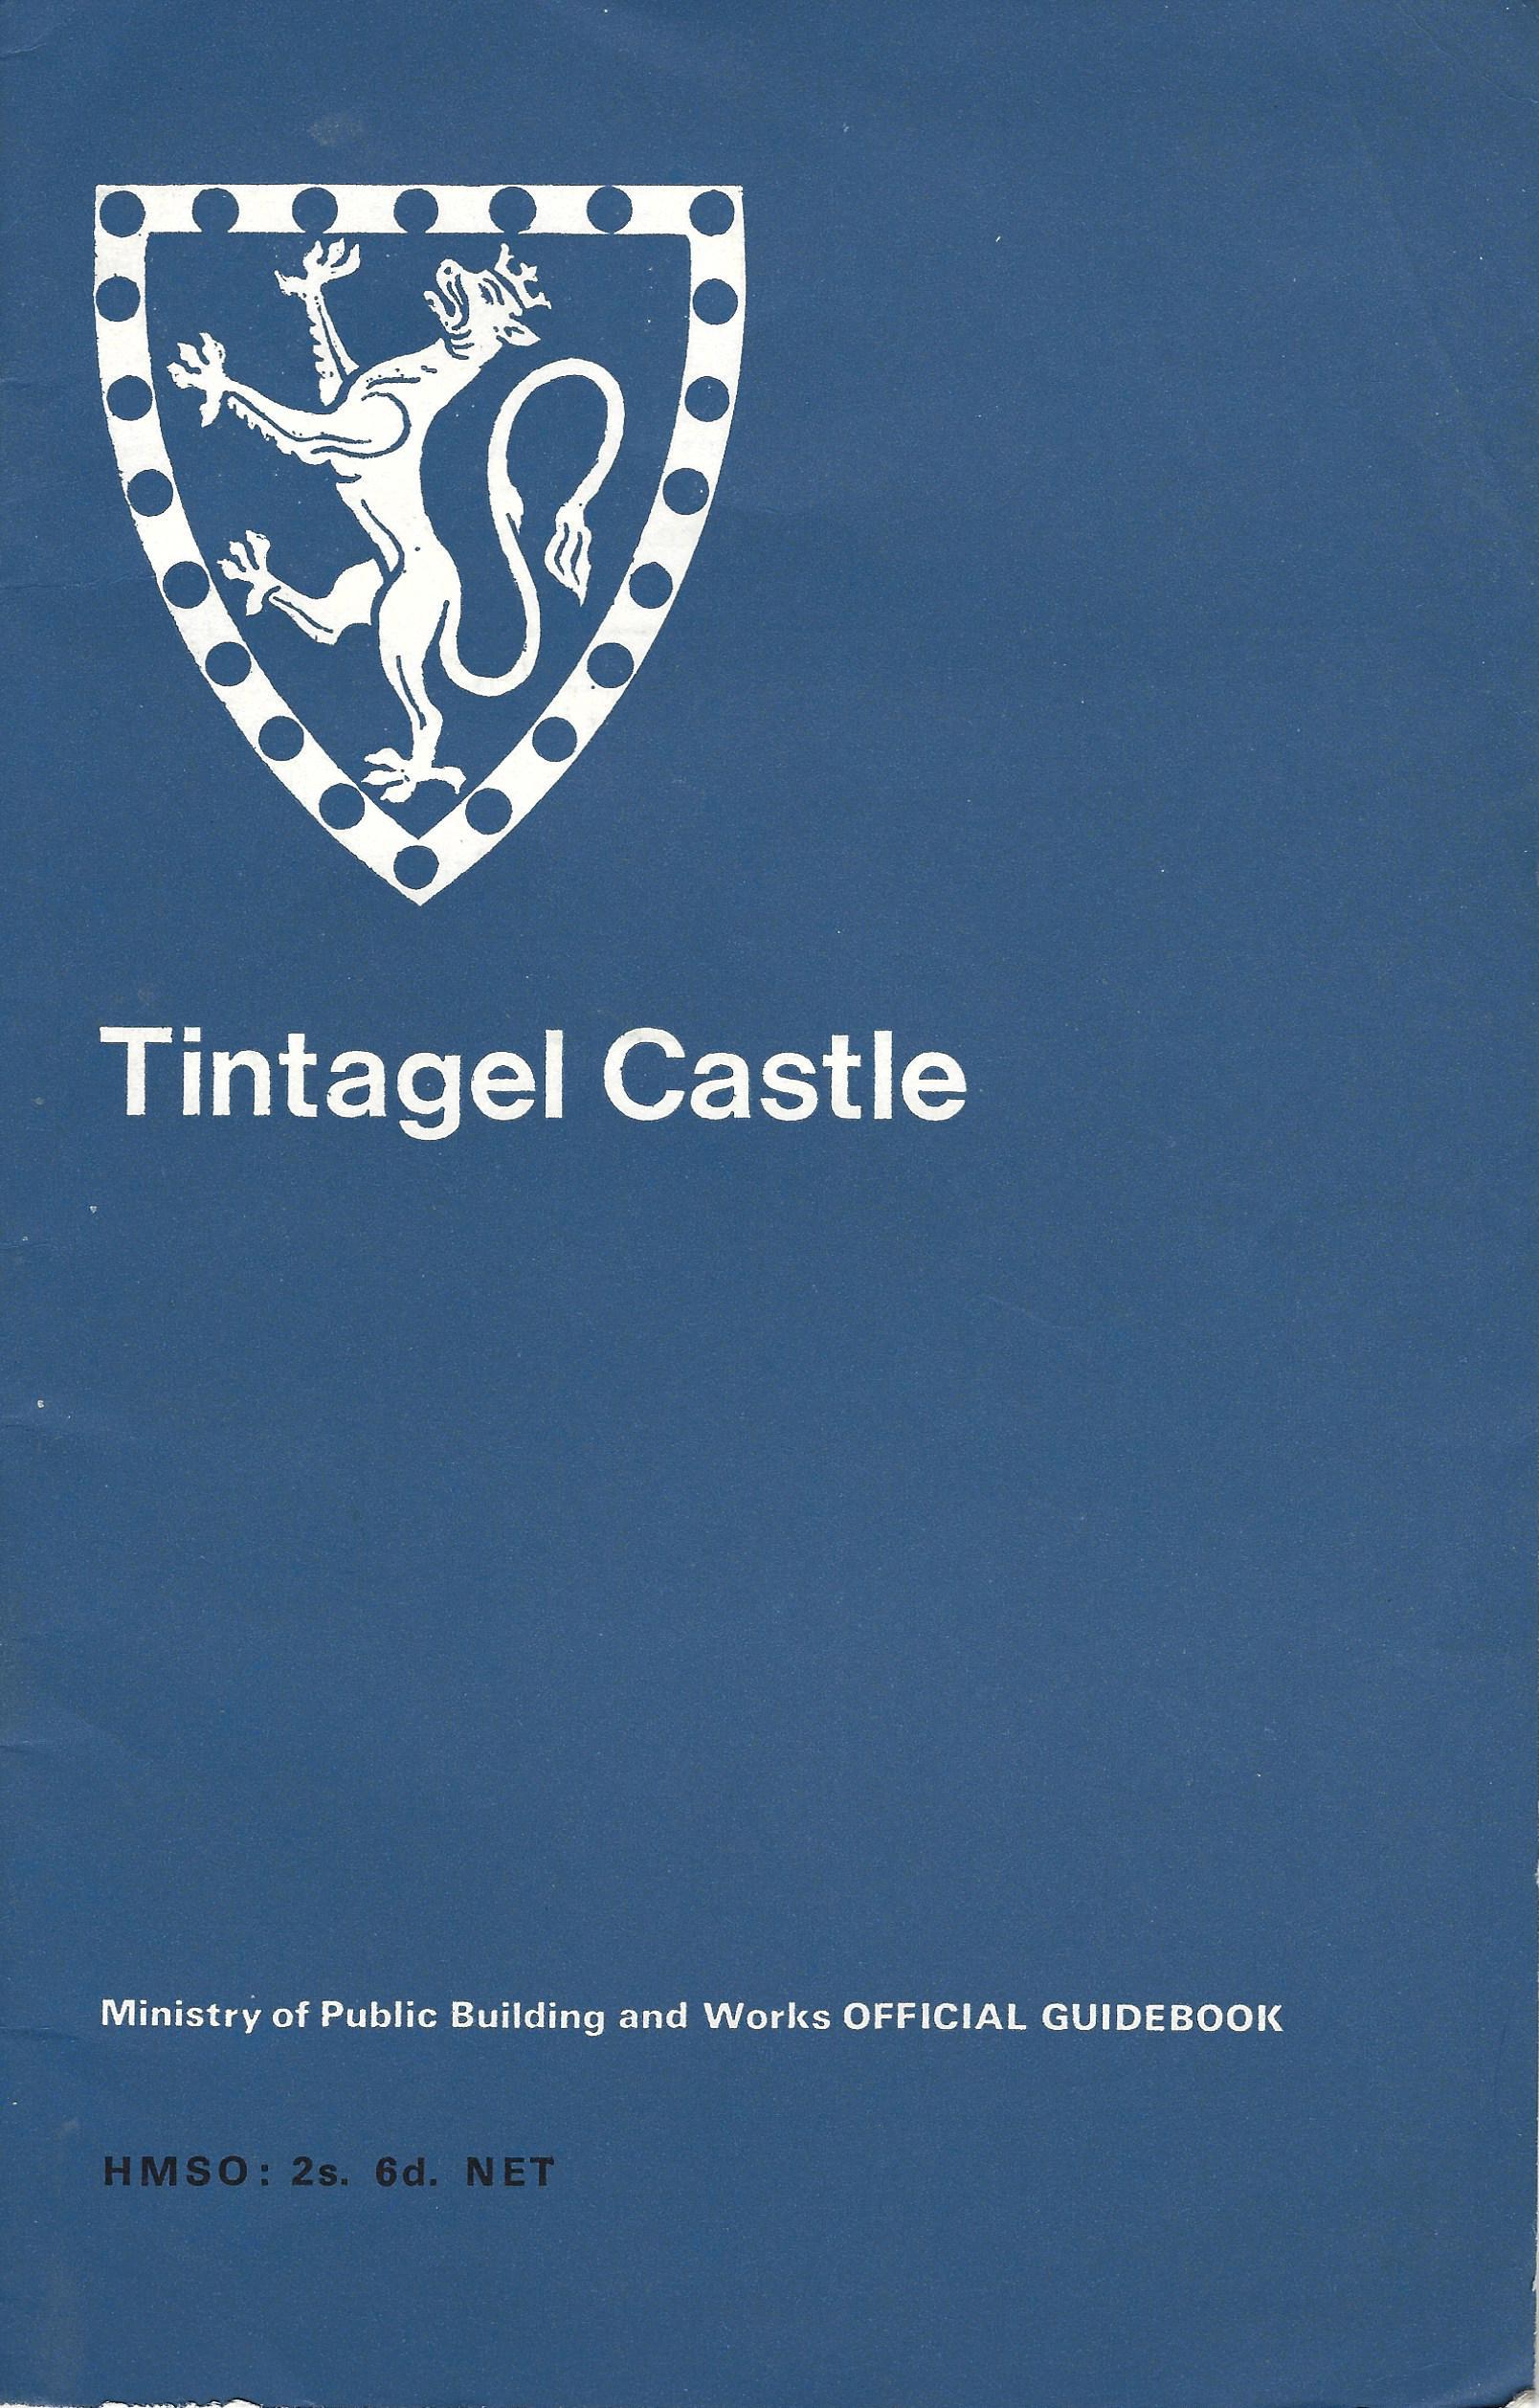 Tintagel_MPBW_r